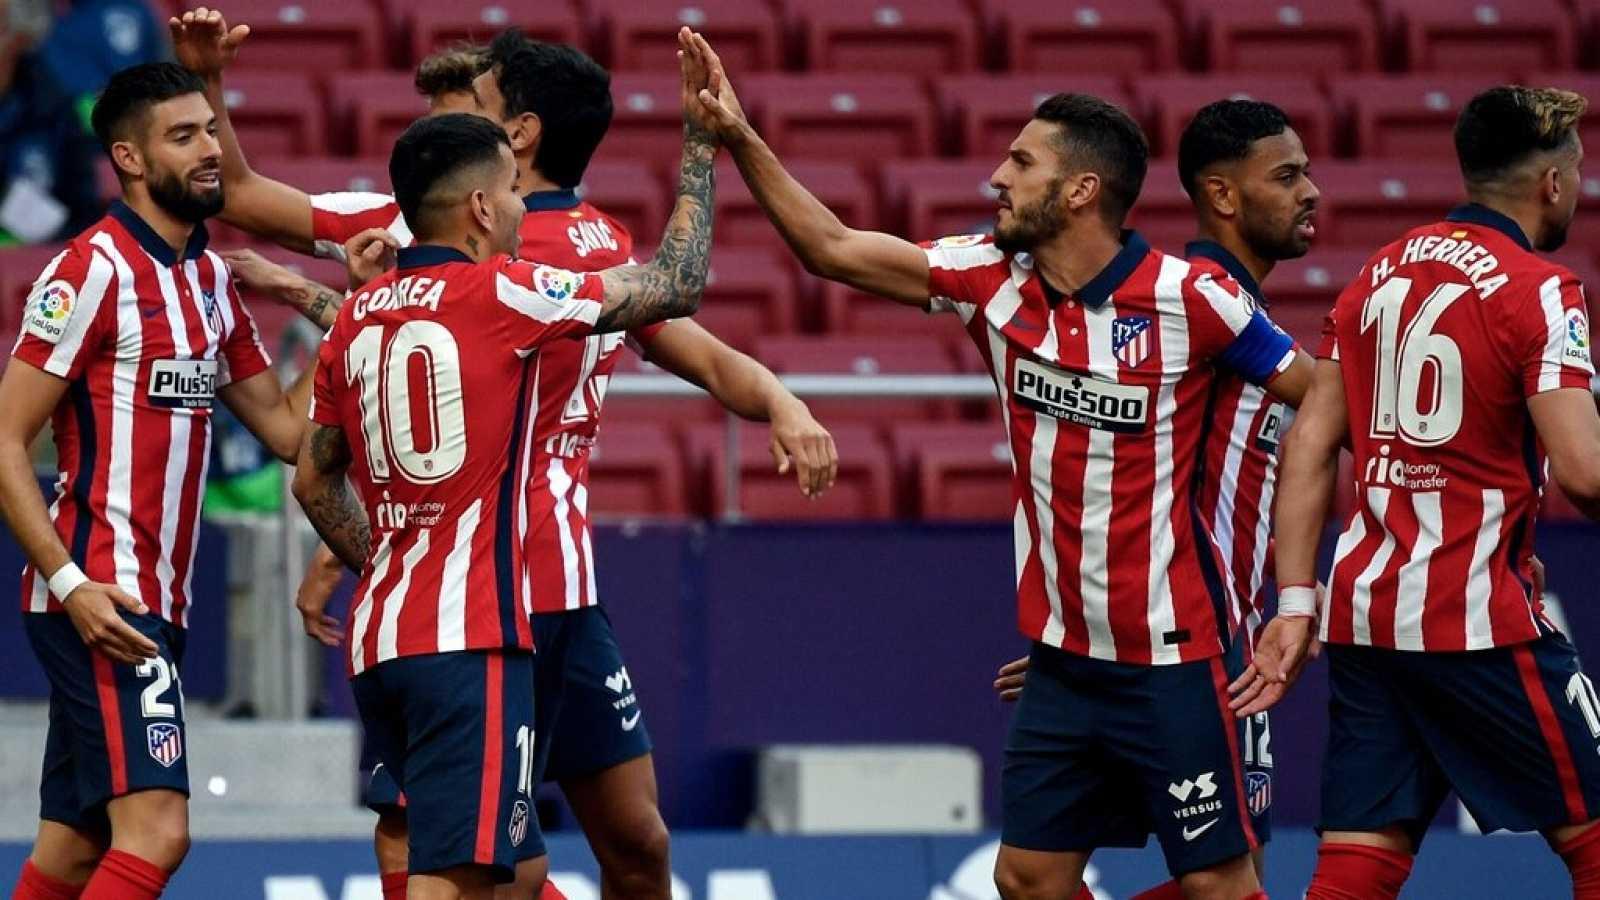 Tablero deportivo - El Atlético de Madrid golea y recupera la ventaja - Escuchar ahora